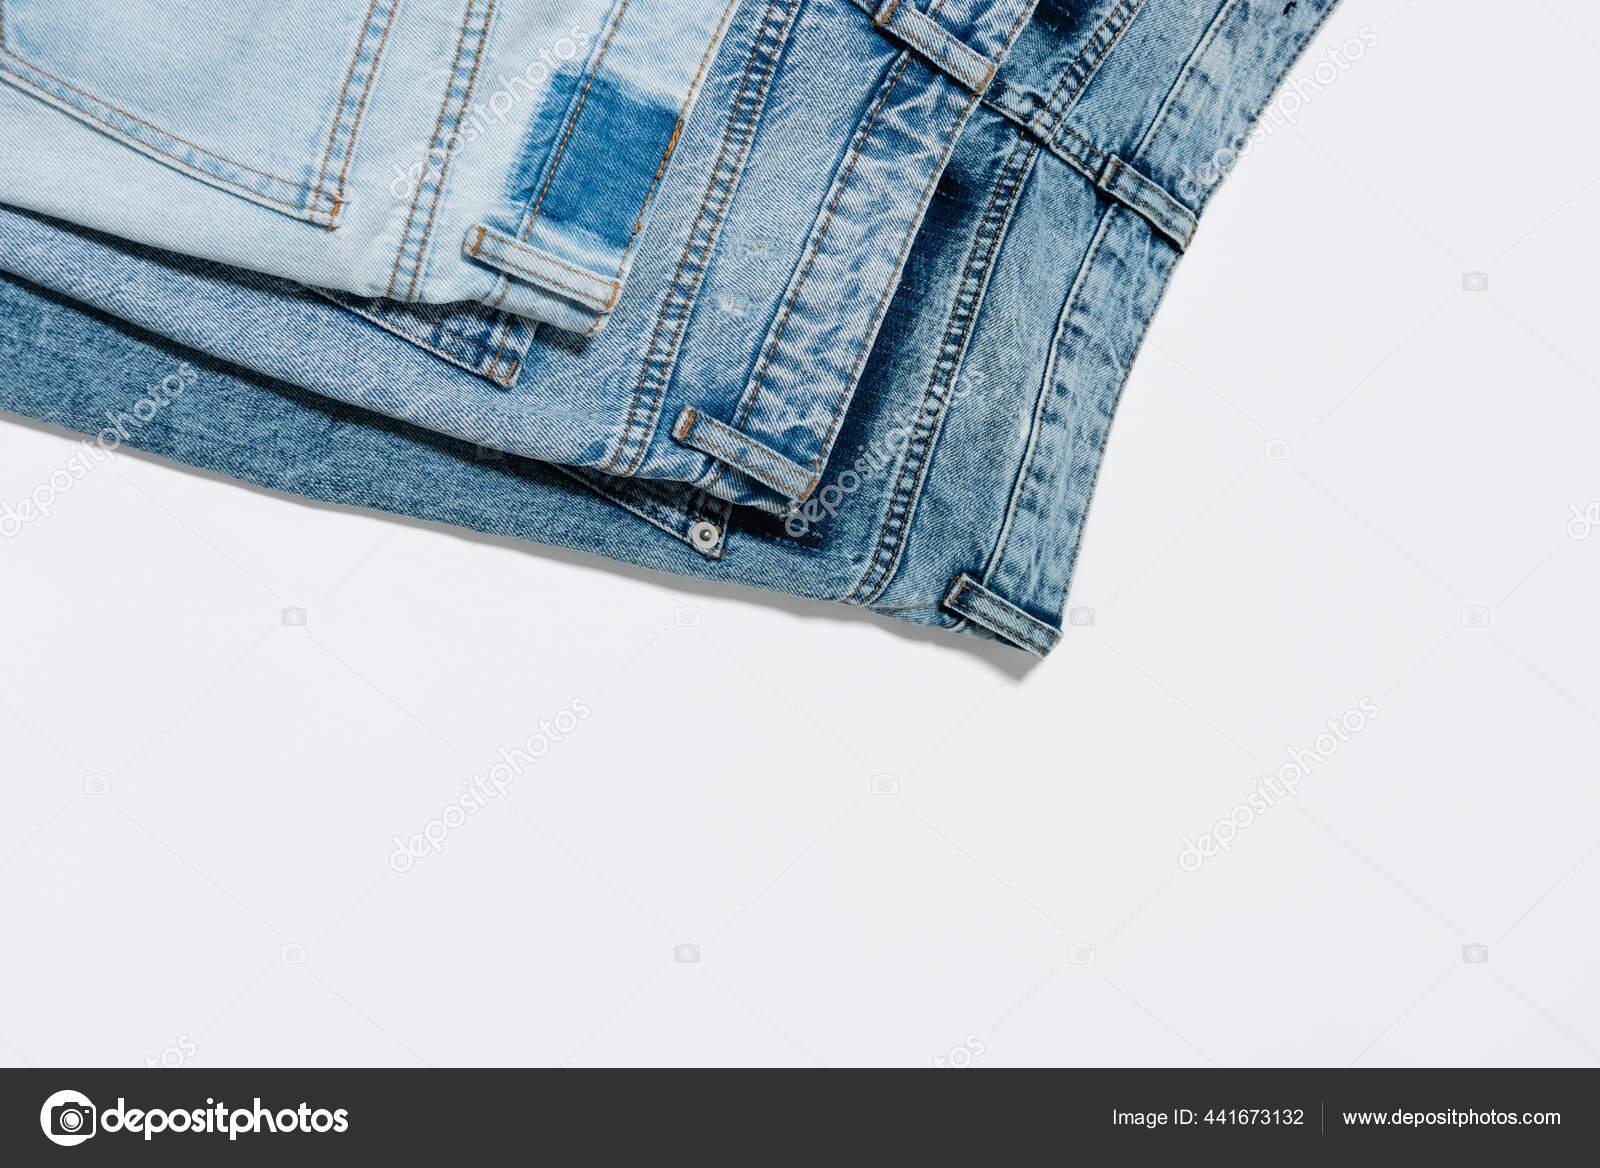 ��ˆ Mujeres Con Pantalon De Mezclilla Imagenes De Stock Fotos Pantalones De Mezclilla Descargar En Depositphotos